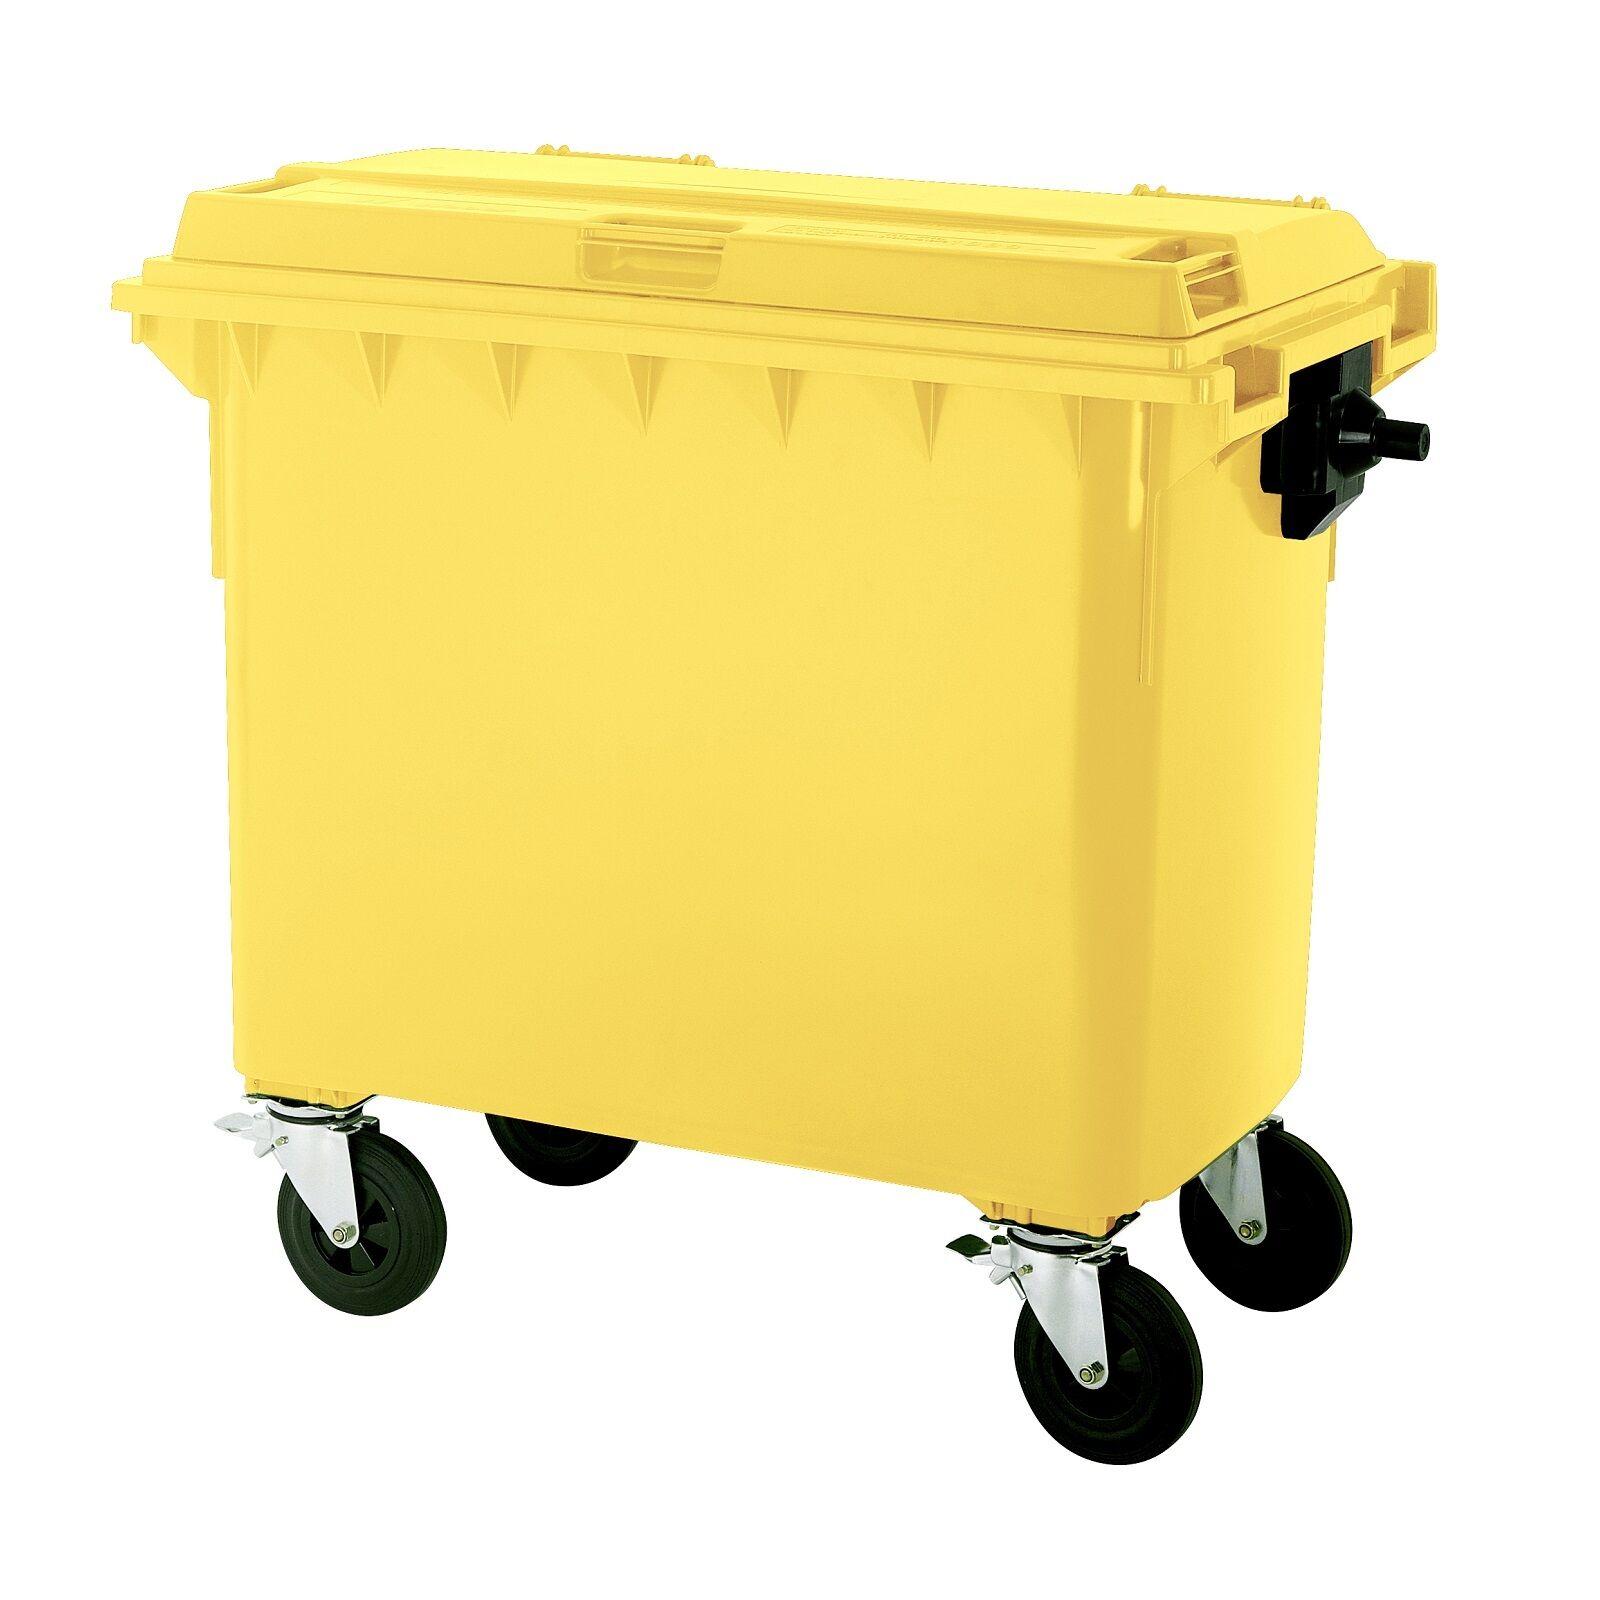 Müllgroßbehälter Großmüllcontainer Abfallcontainer 660 Liter Flachdeckel gelb